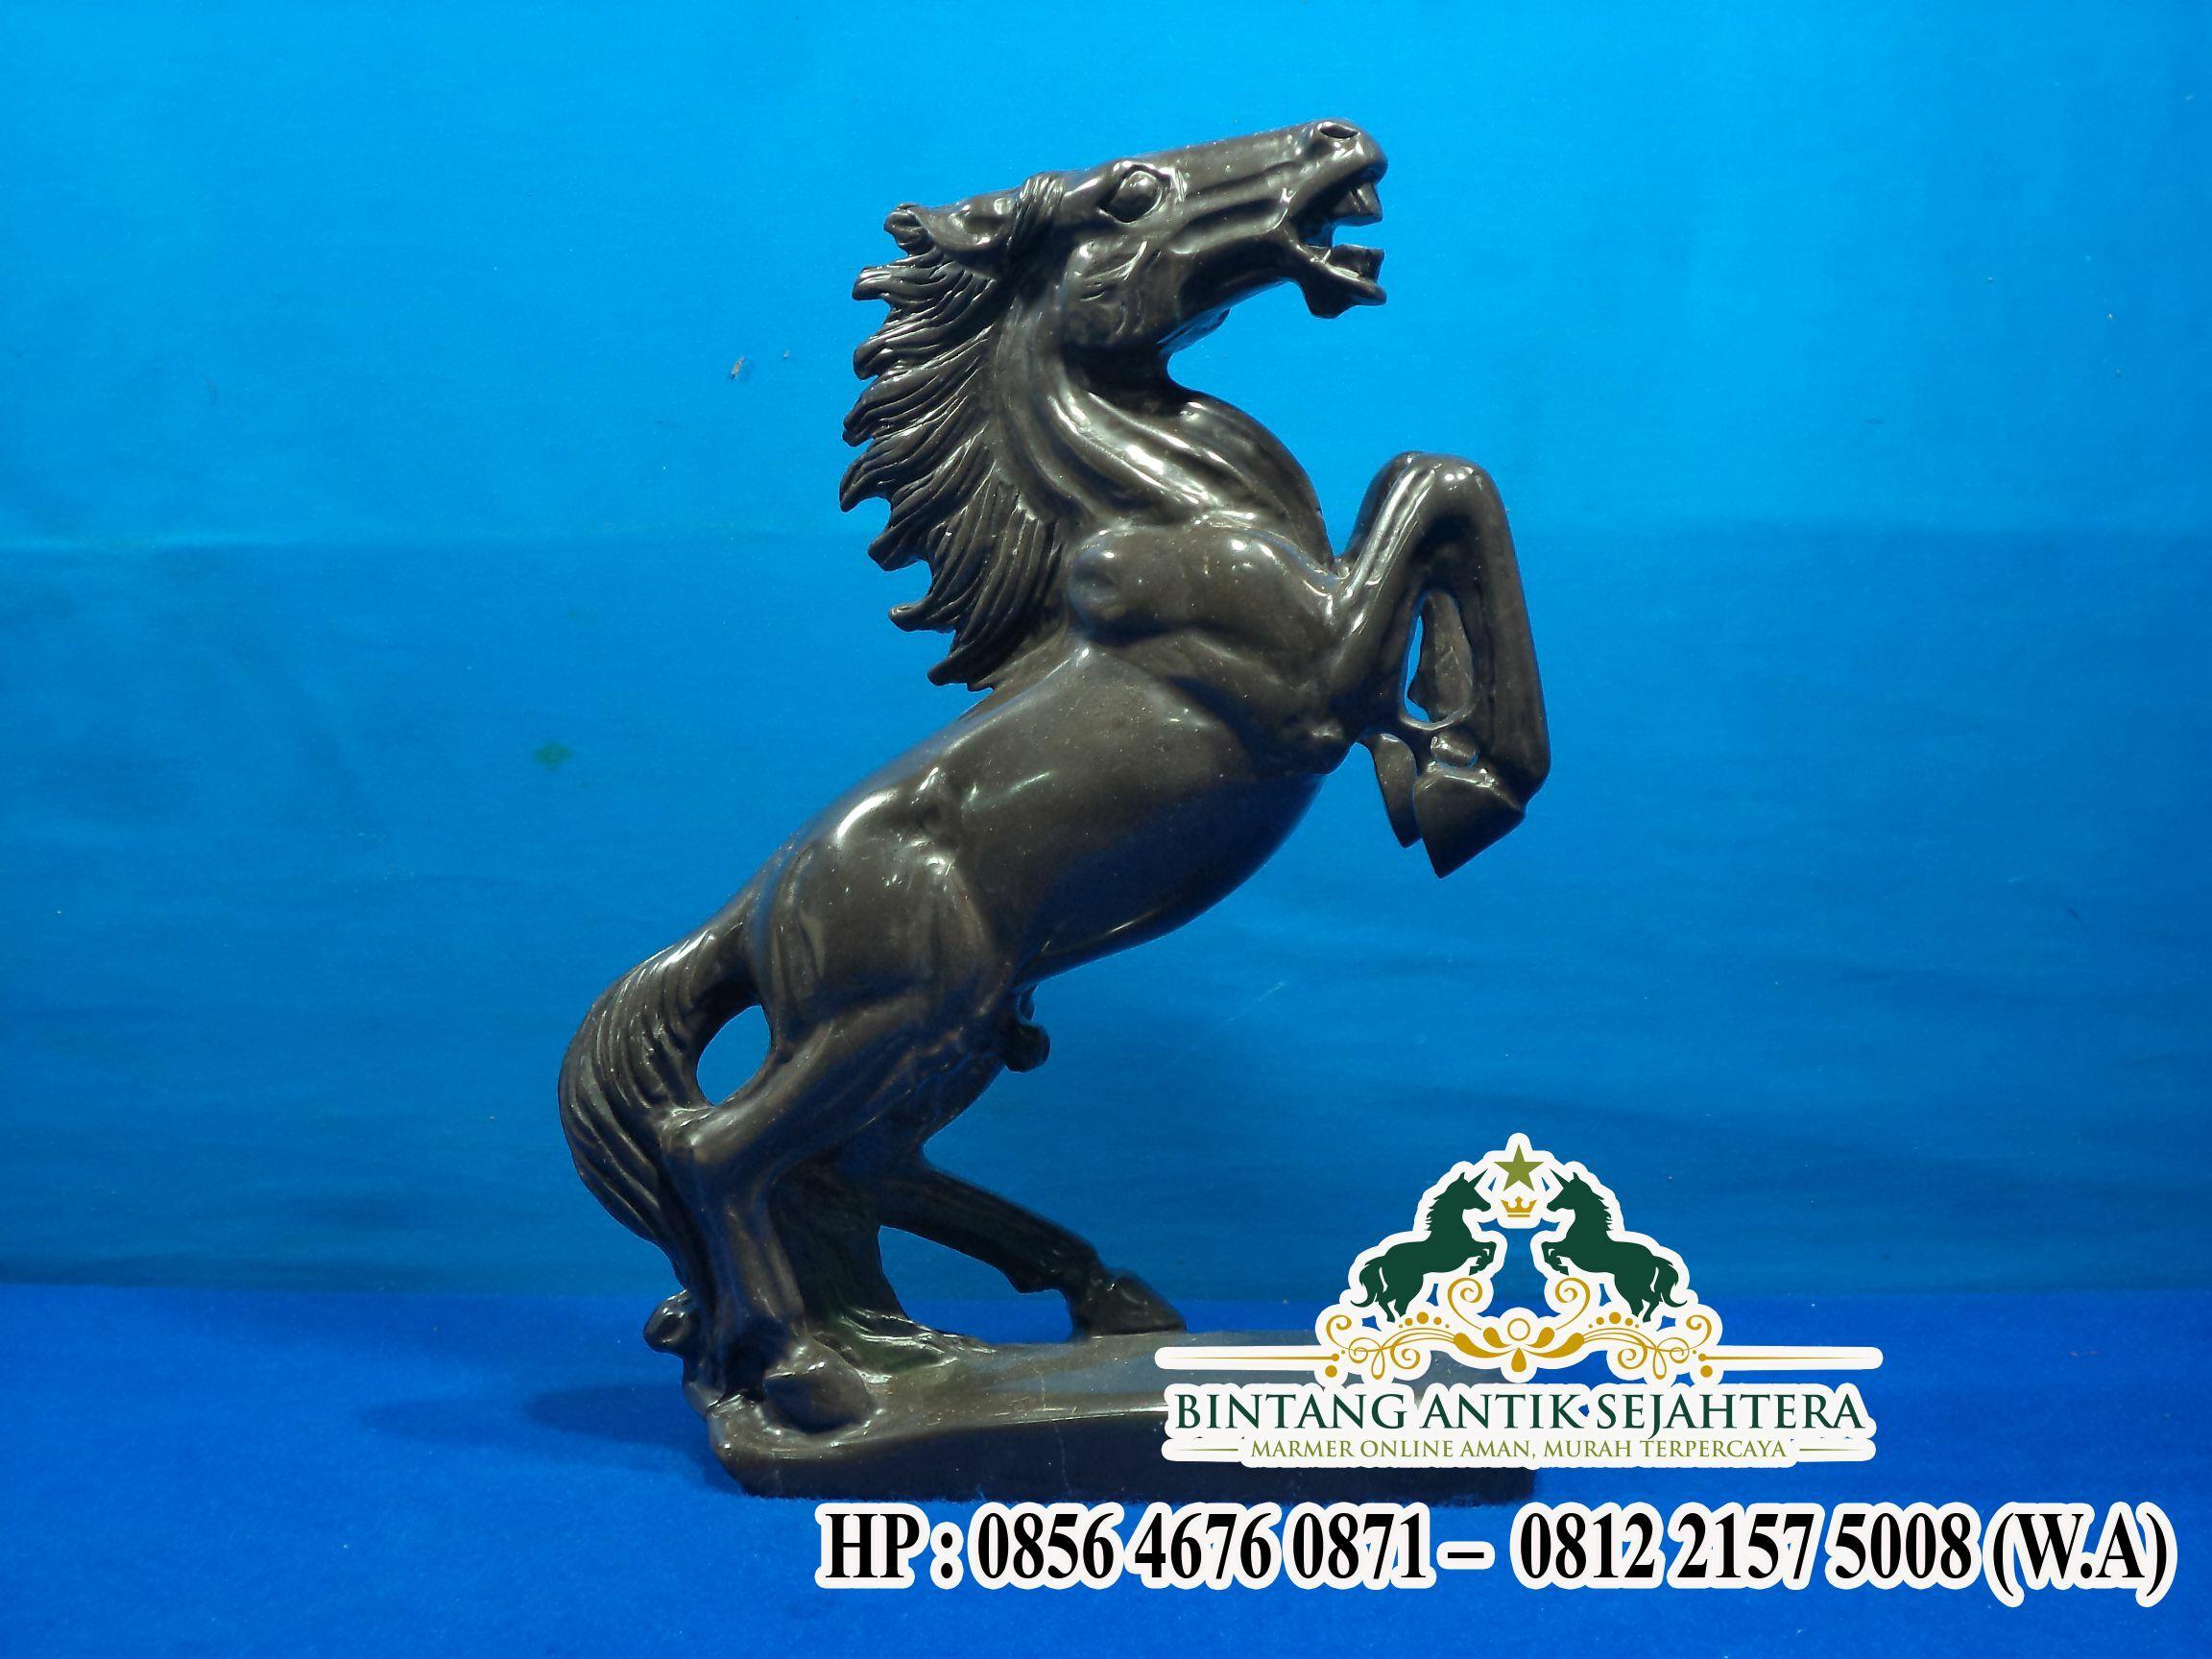 Jual Patung Kuda Marmer Hitam Berkualitas